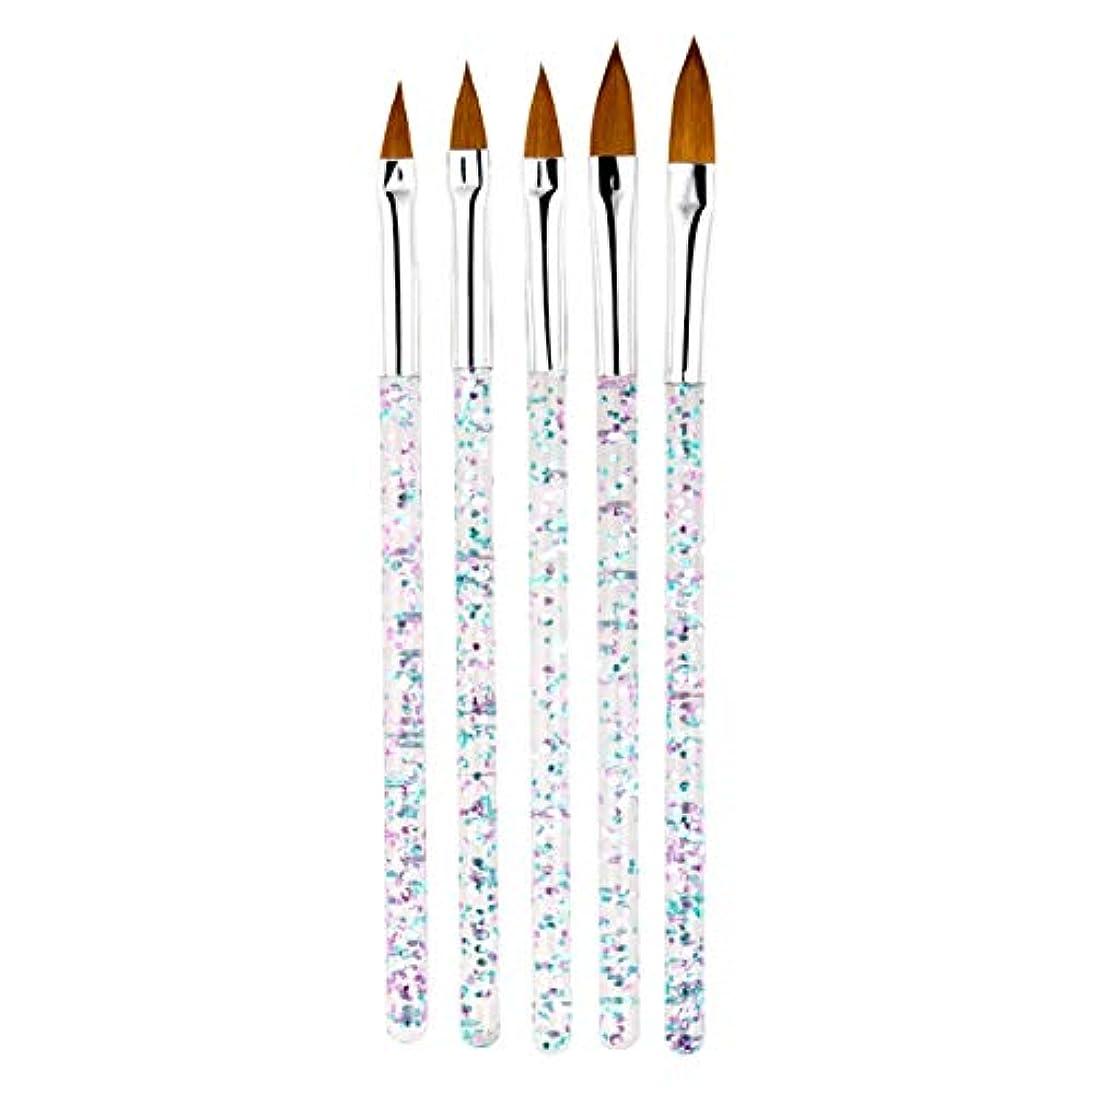 不忠熱望する冒険者MCCRUA ネイルブラシ 5本セット スカルプネイルブラシ 可愛い アクリルネイル UV ジェルネイル ネイルアート筆